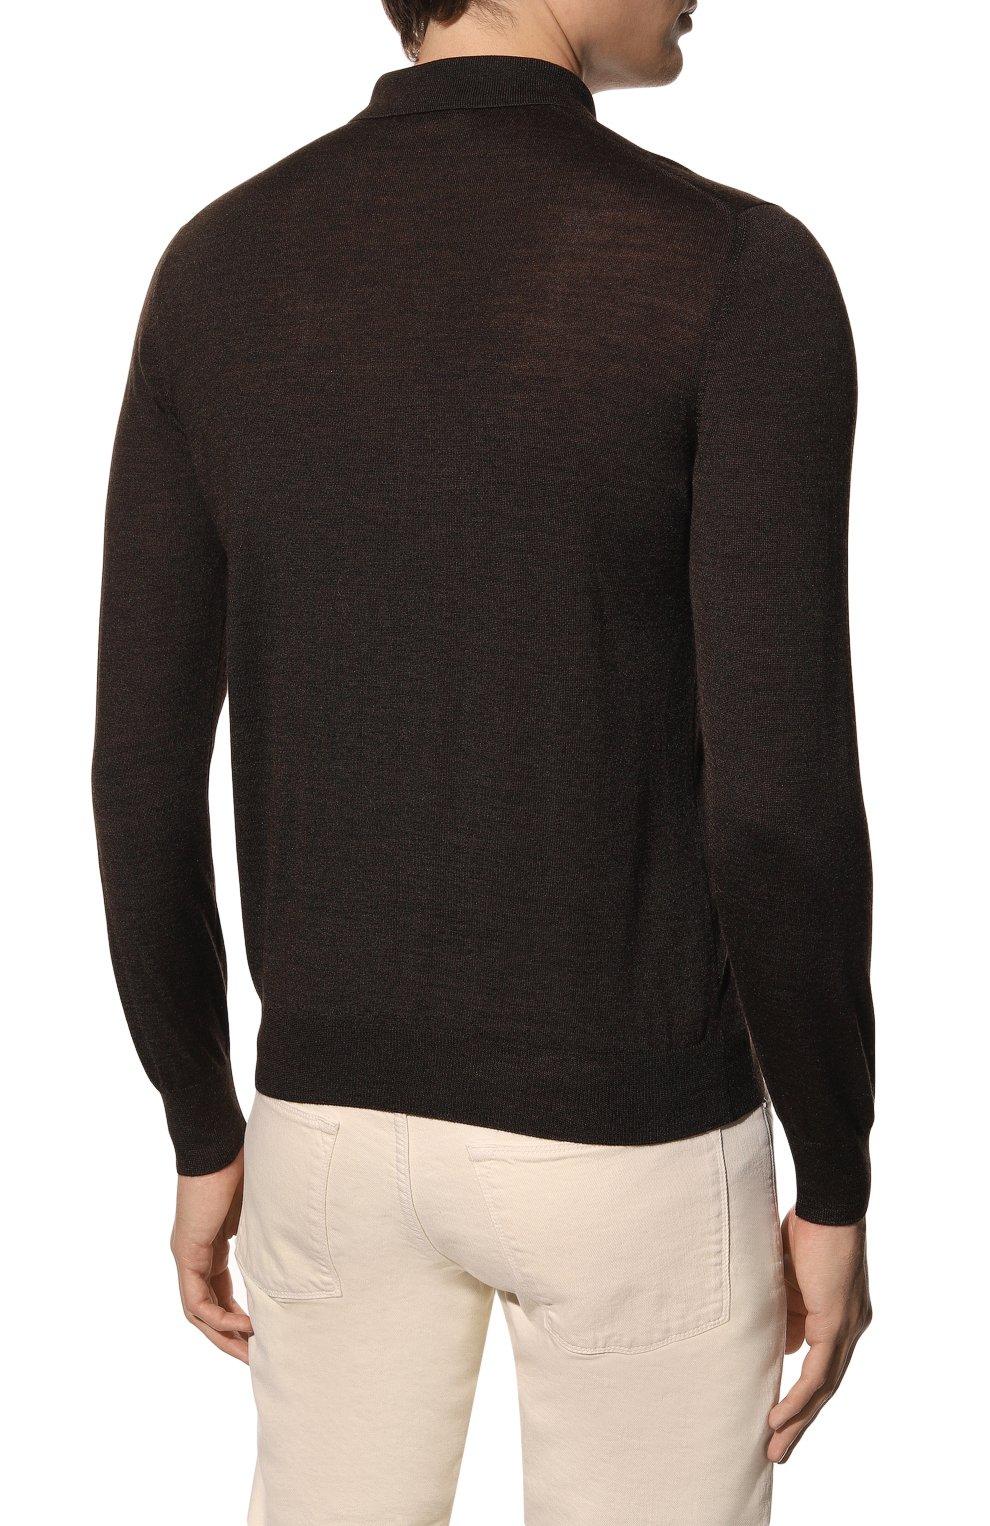 Мужское поло из шерсти и шелка GRAN SASSO коричневого цвета, арт. 57137/13190 | Фото 4 (Застежка: Пуговицы; Материал внешний: Шерсть, Шелк; Рукава: Длинные; Длина (для топов): Стандартные; Кросс-КТ: Трикотаж; Стили: Кэжуэл)